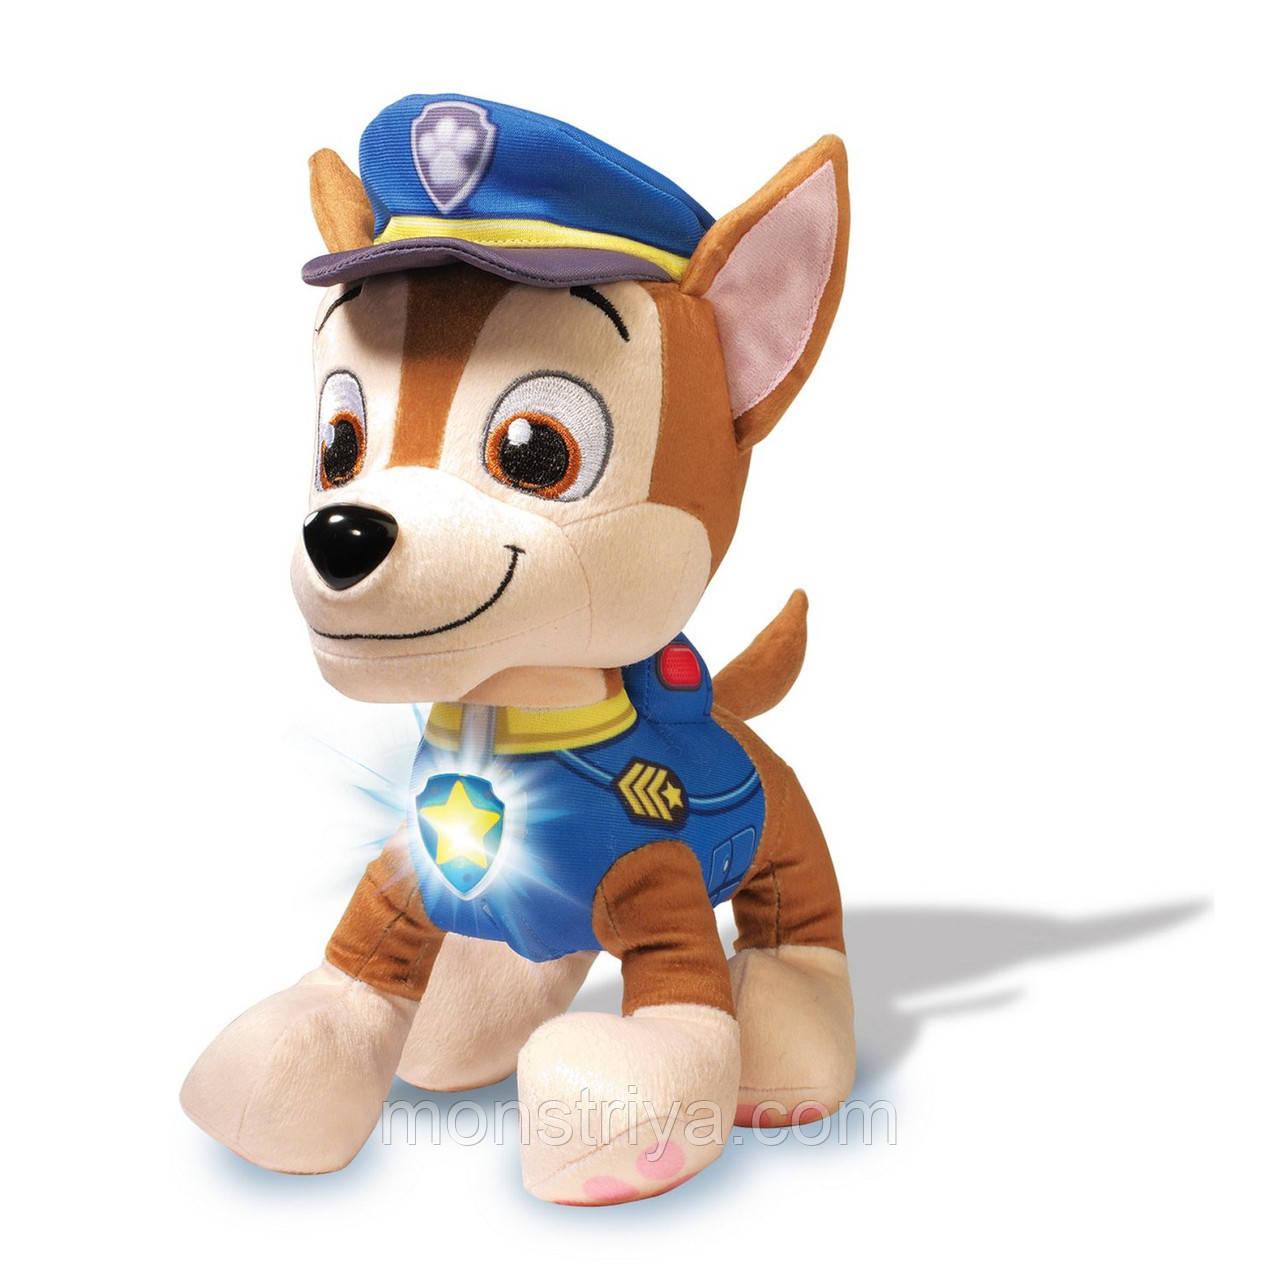 Іграшки Щенячий патруль (Paw Patrol) Чейз говорить